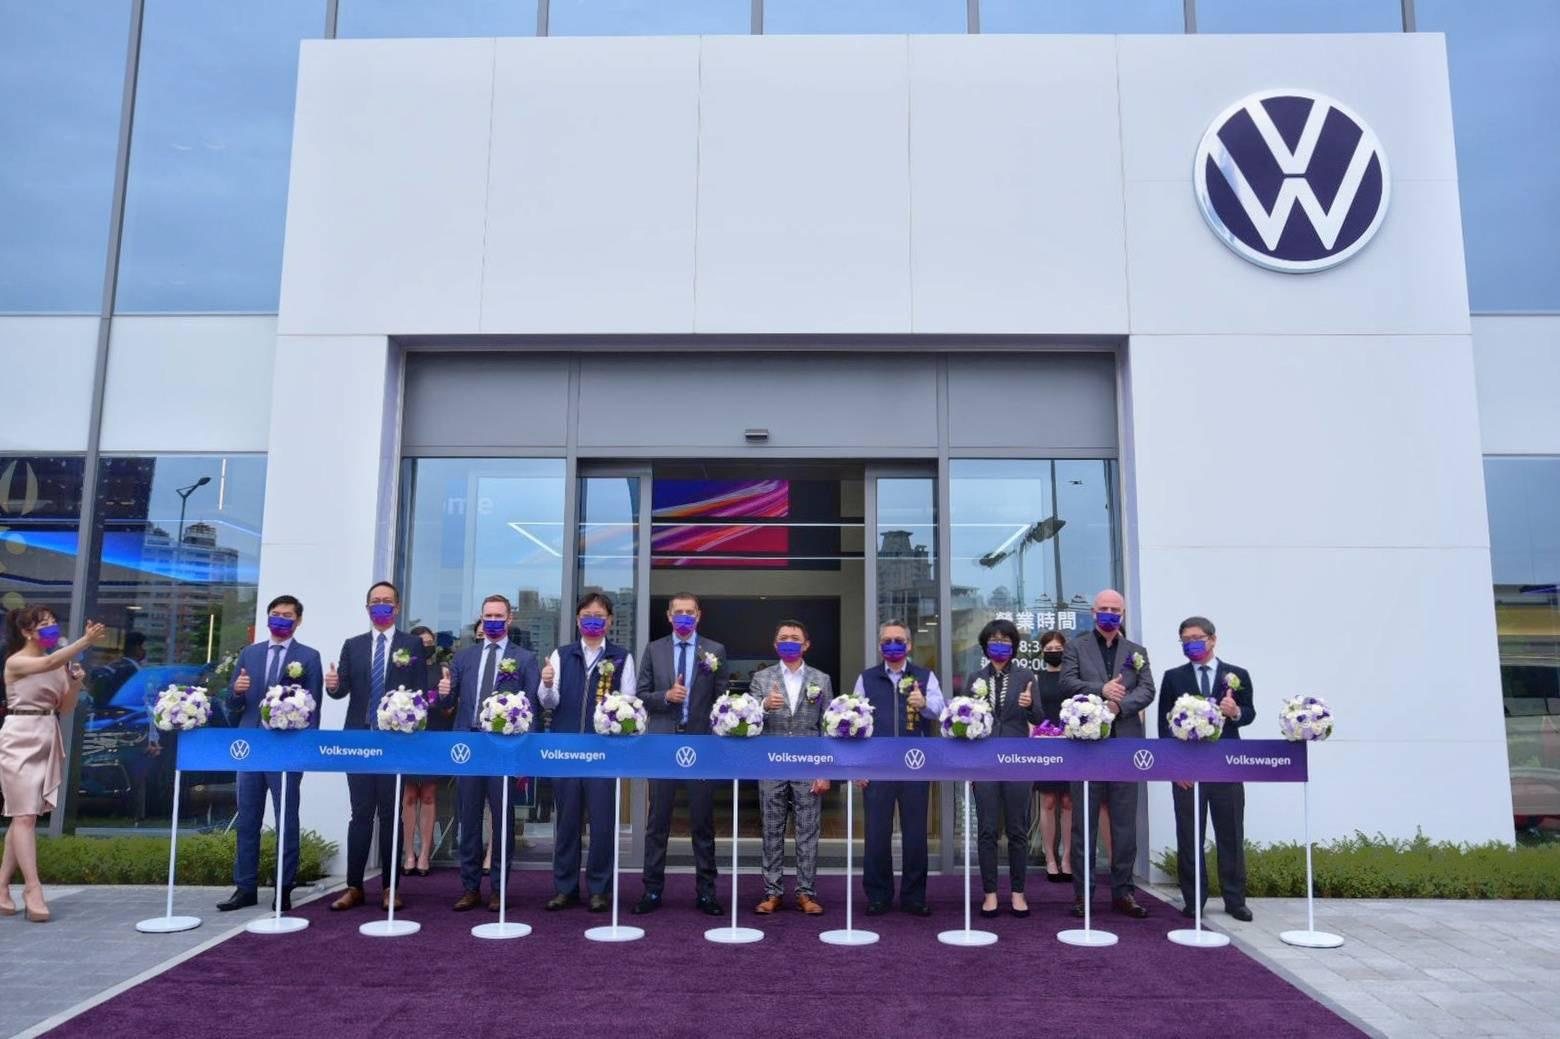 台灣福斯汽車總裁 Sacha Askidjian(左5)、太古汽車集團營運總監 高振榮 先生(右5)、各處長及貴賓共同蒞臨開幕剪綵。